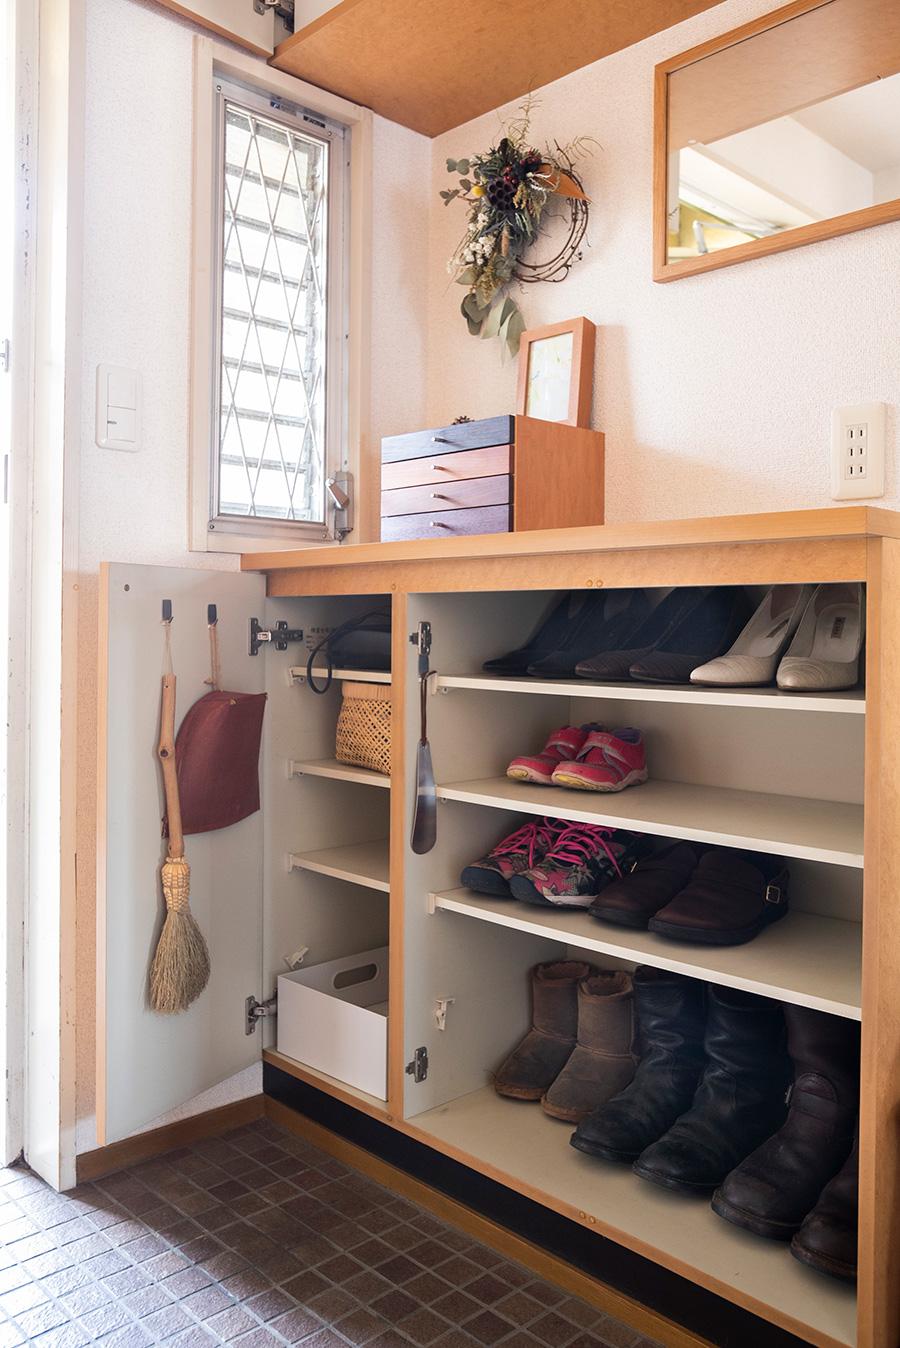 下駄箱の扉も外してオープンに。いちいち開けて靴を取り出す手間がなくなり、ストレスが激減したそう。玄関まわりで使う掃除道具はここにスタンバイさせている。